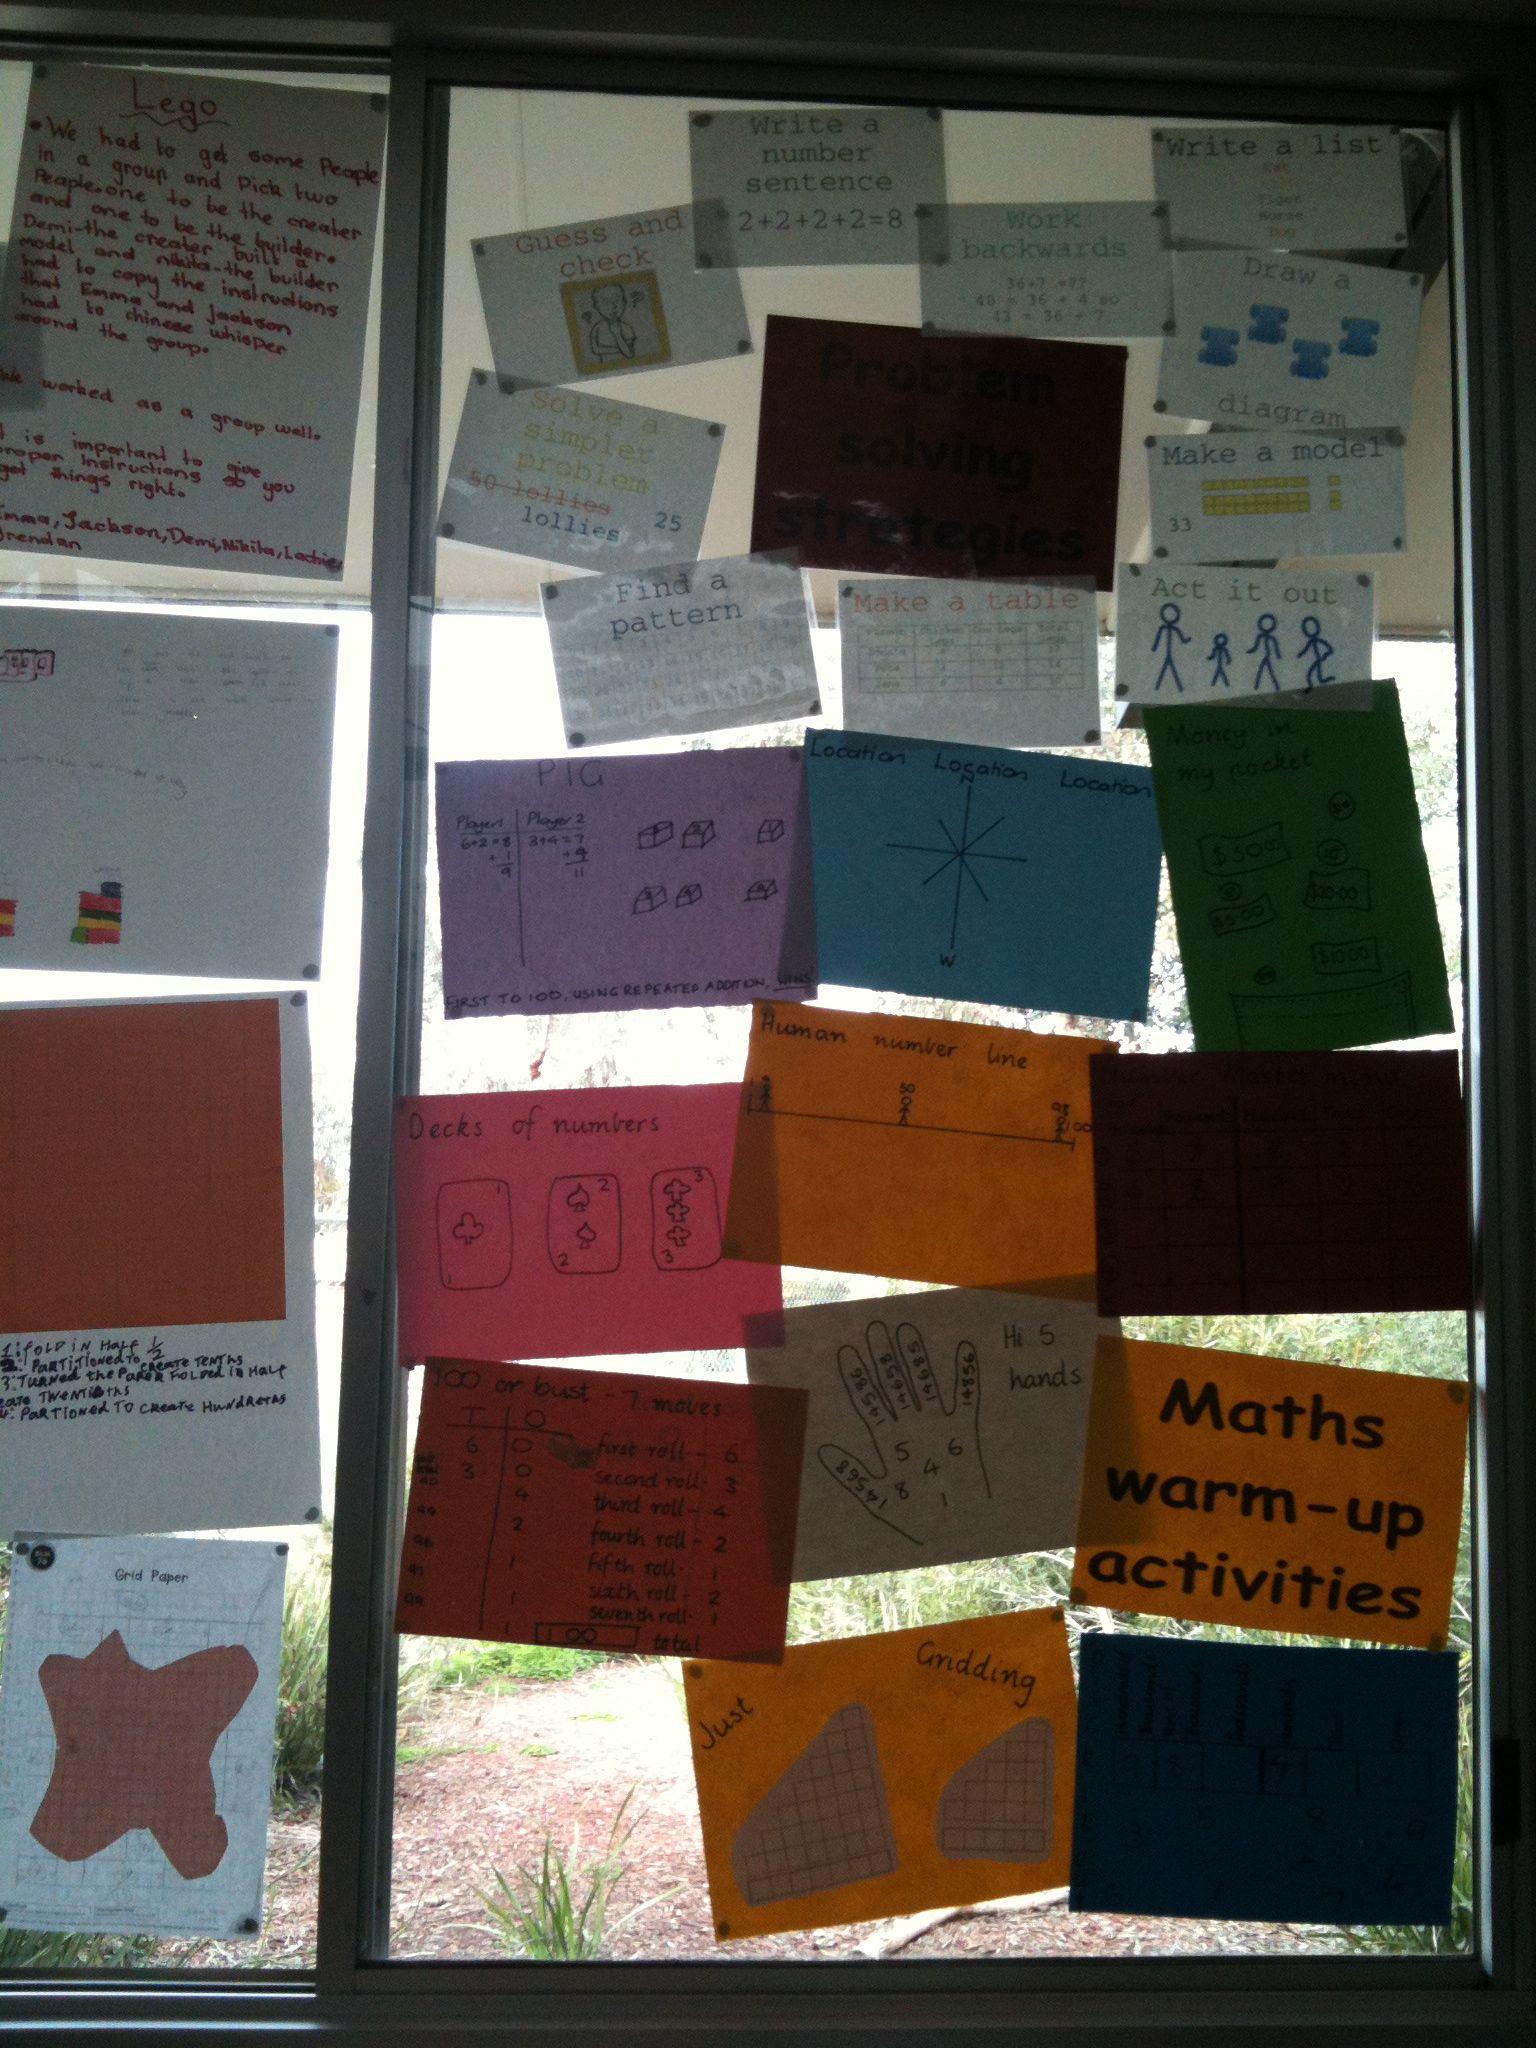 Maths Warm Up Wall